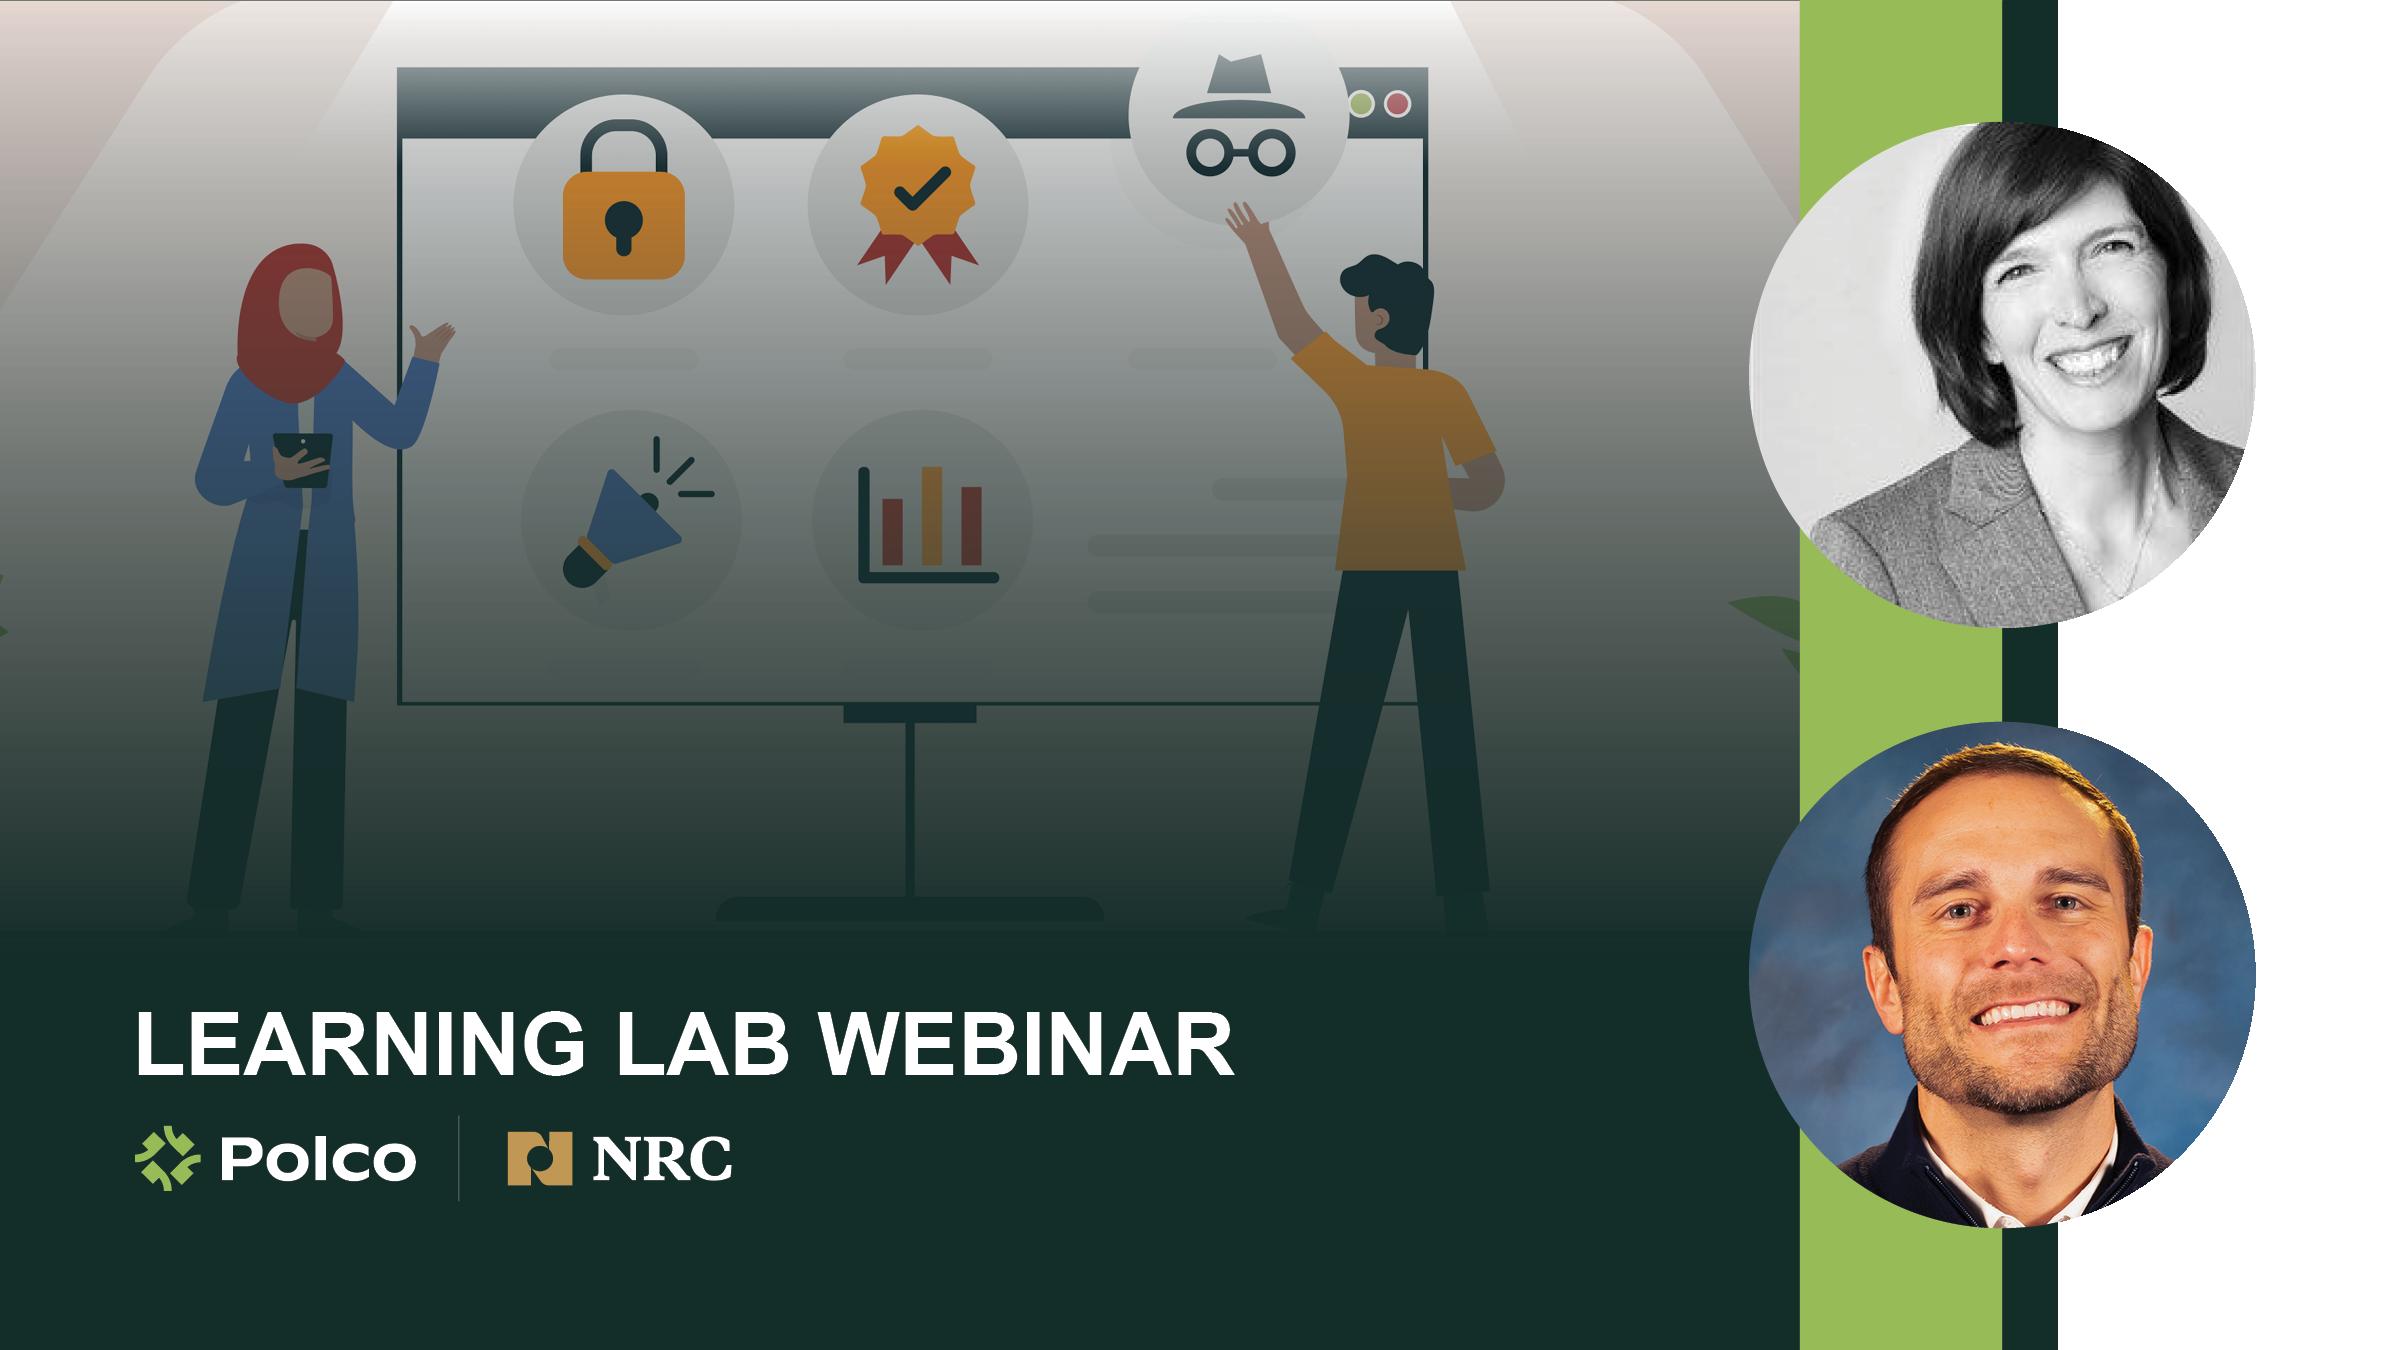 April 2021 Learning Lab Webinar Image